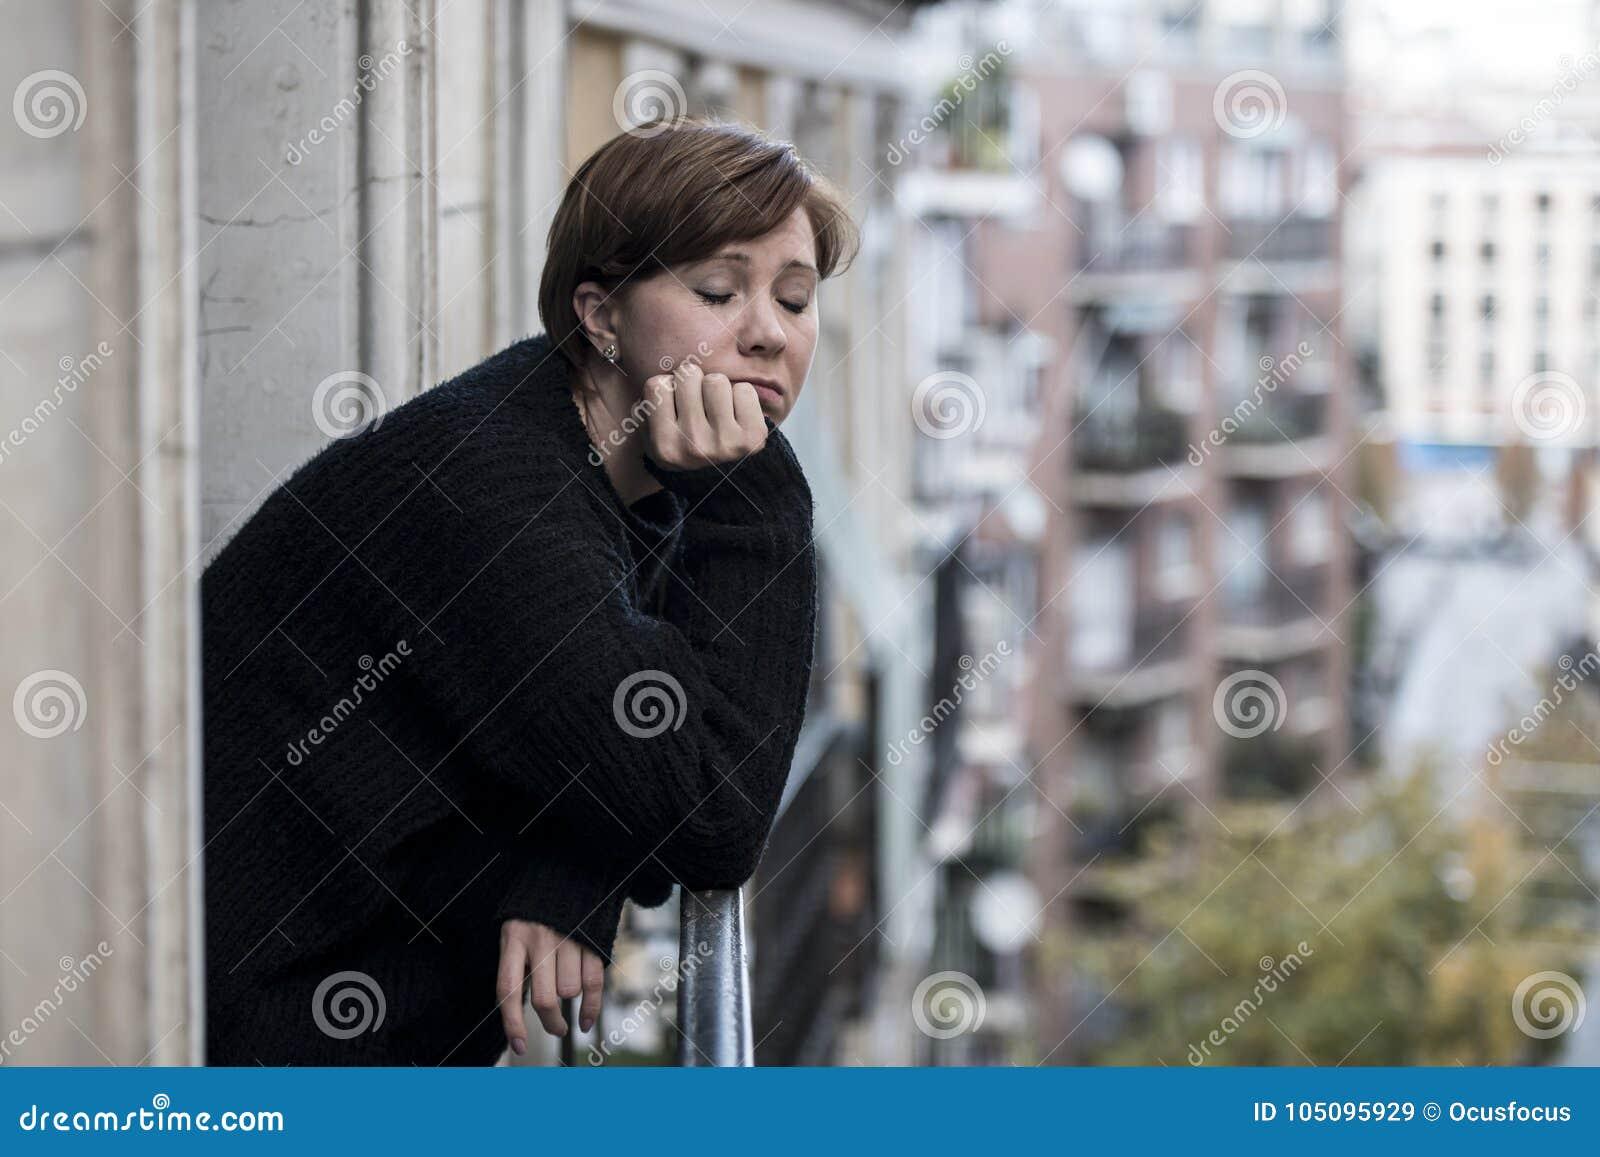 Νέα όμορφη γυναίκα που σκέφτεται και που αισθάνεται τη λυπημένη υφιστάμενη κατάθλιψη στο αστικό εγχώριο μπαλκόνι υποβάθρου πόλεων